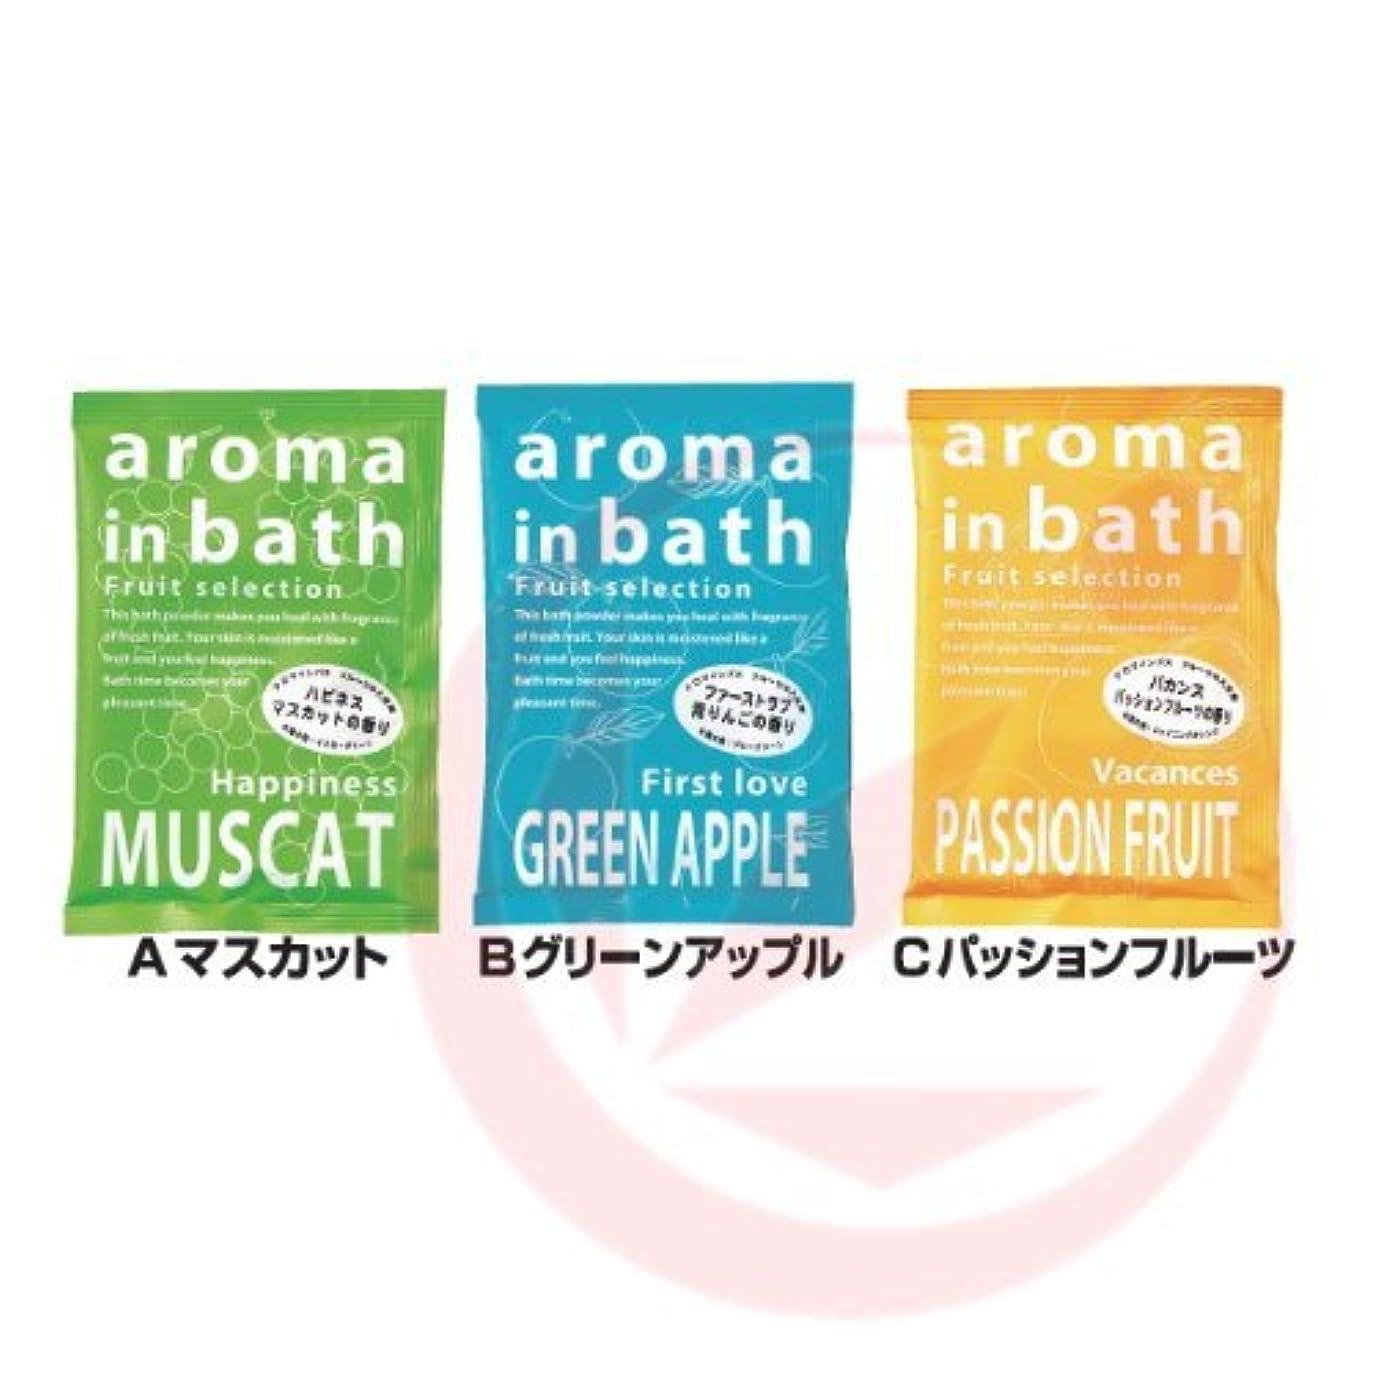 薬を飲むオーブン即席粉体入浴剤アロマインバス25g 48袋入り(3種類 各16袋)